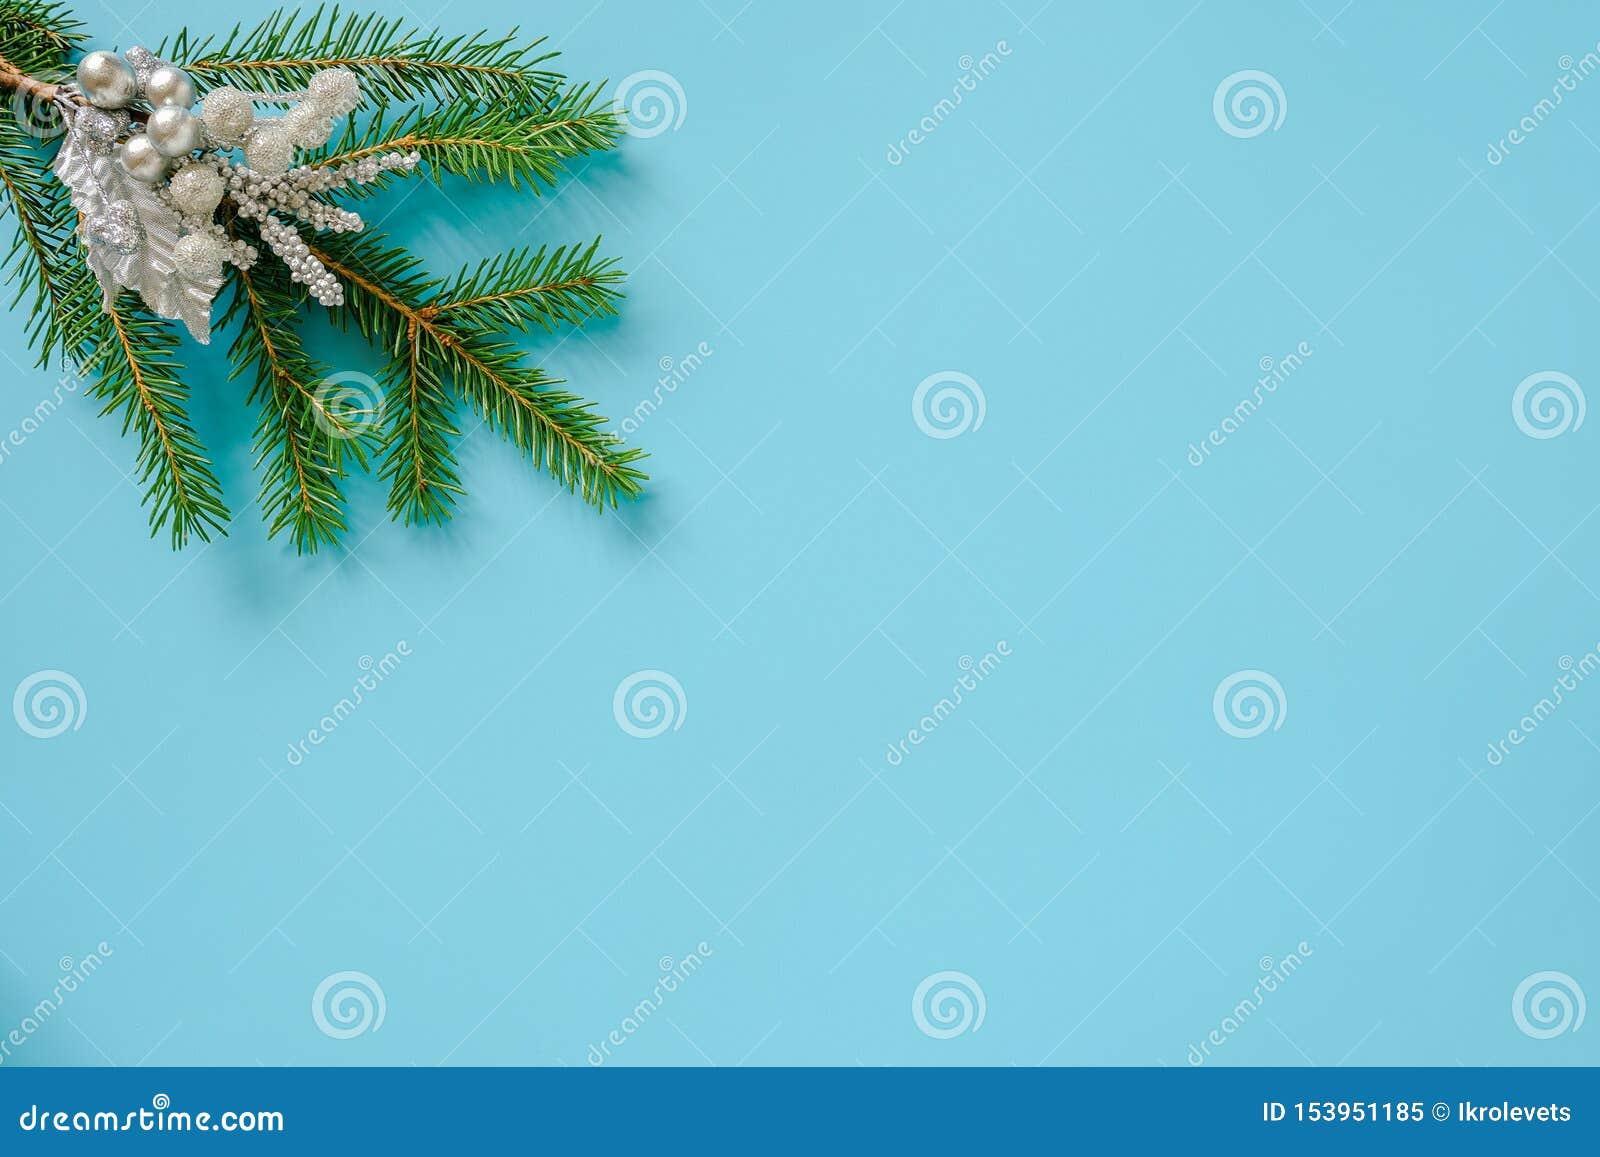 Decoração de Natal em prata no ramo de abeto verde sobre fundo azul Conceito Feliz Natal ou Feliz Ano Novo Copiar espaço